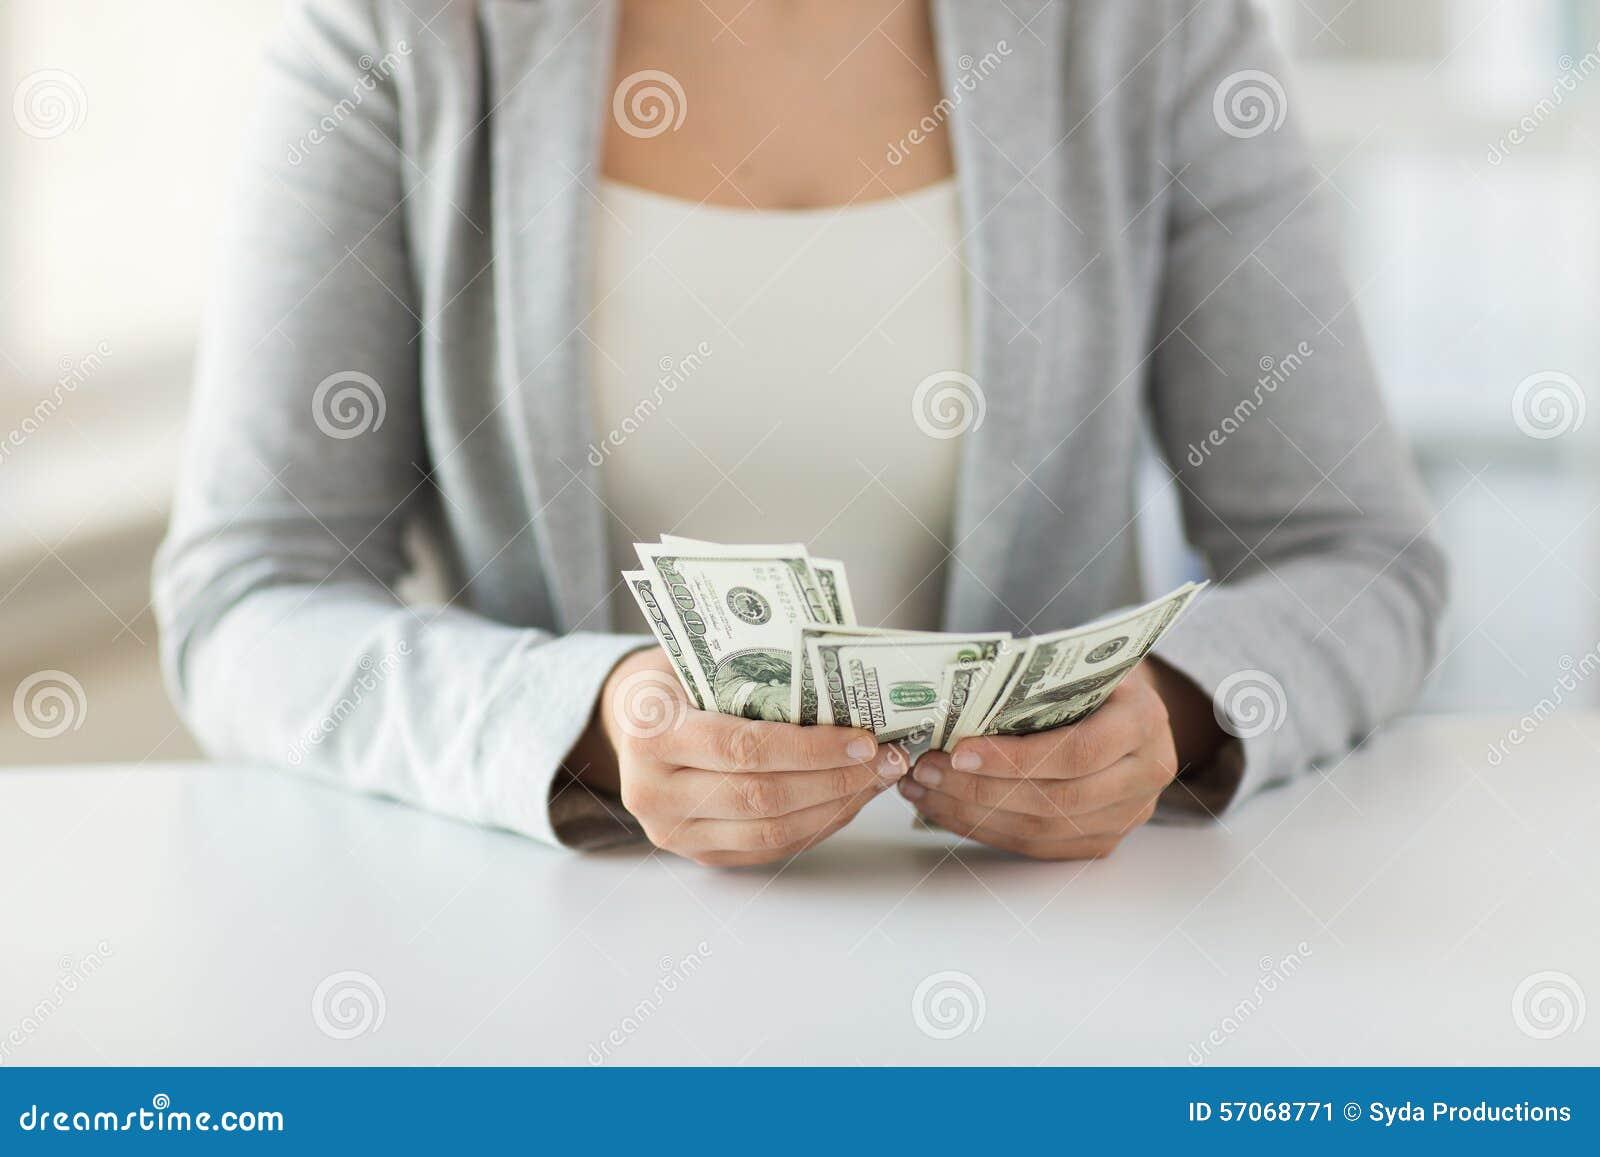 Sluit omhoog van vrouwenhanden die ons tellen dollargeld